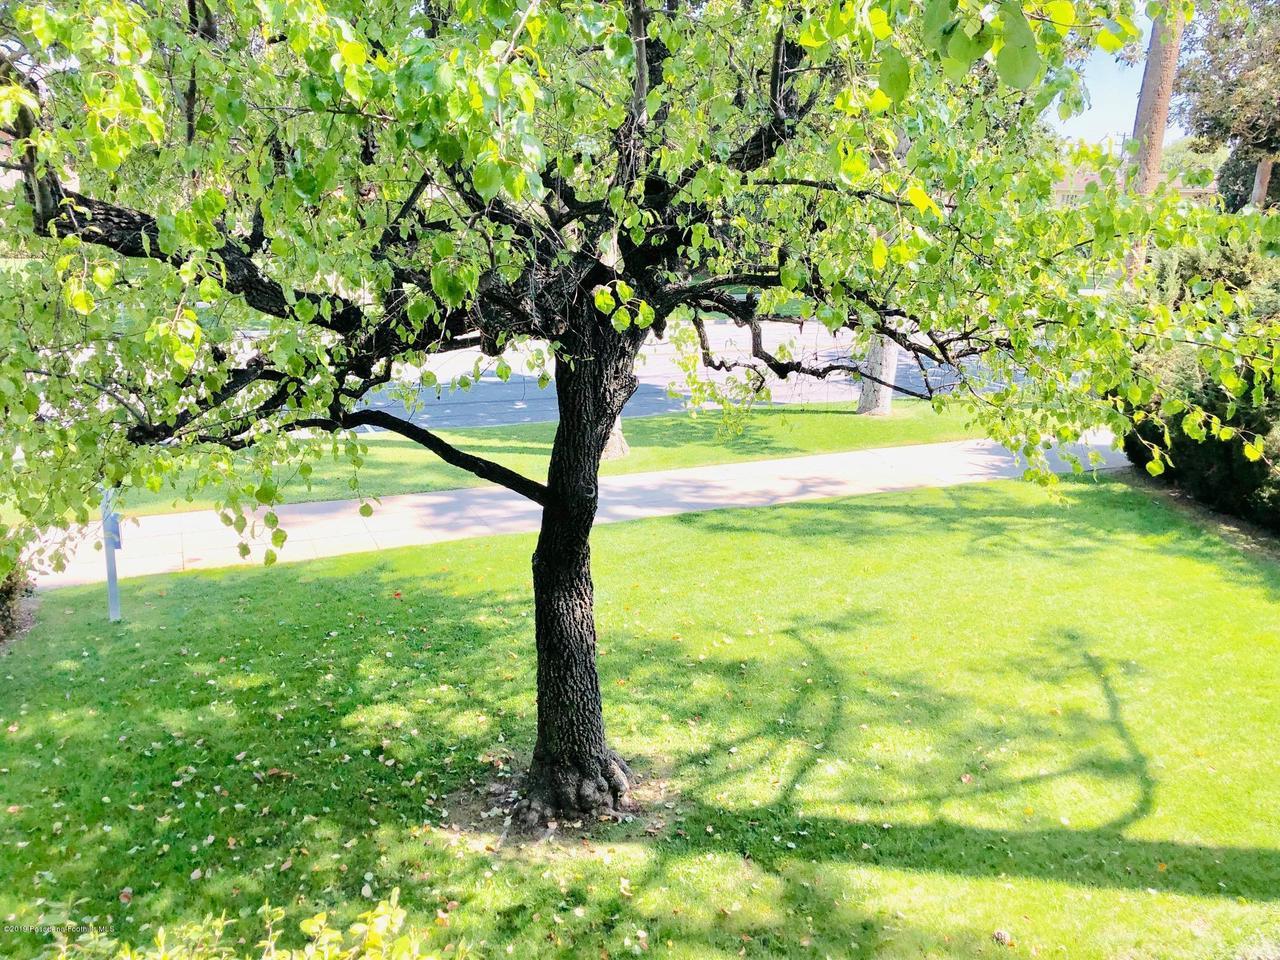 1205 ORANGE GROVE, Pasadena, CA 91105 - OG tree 1